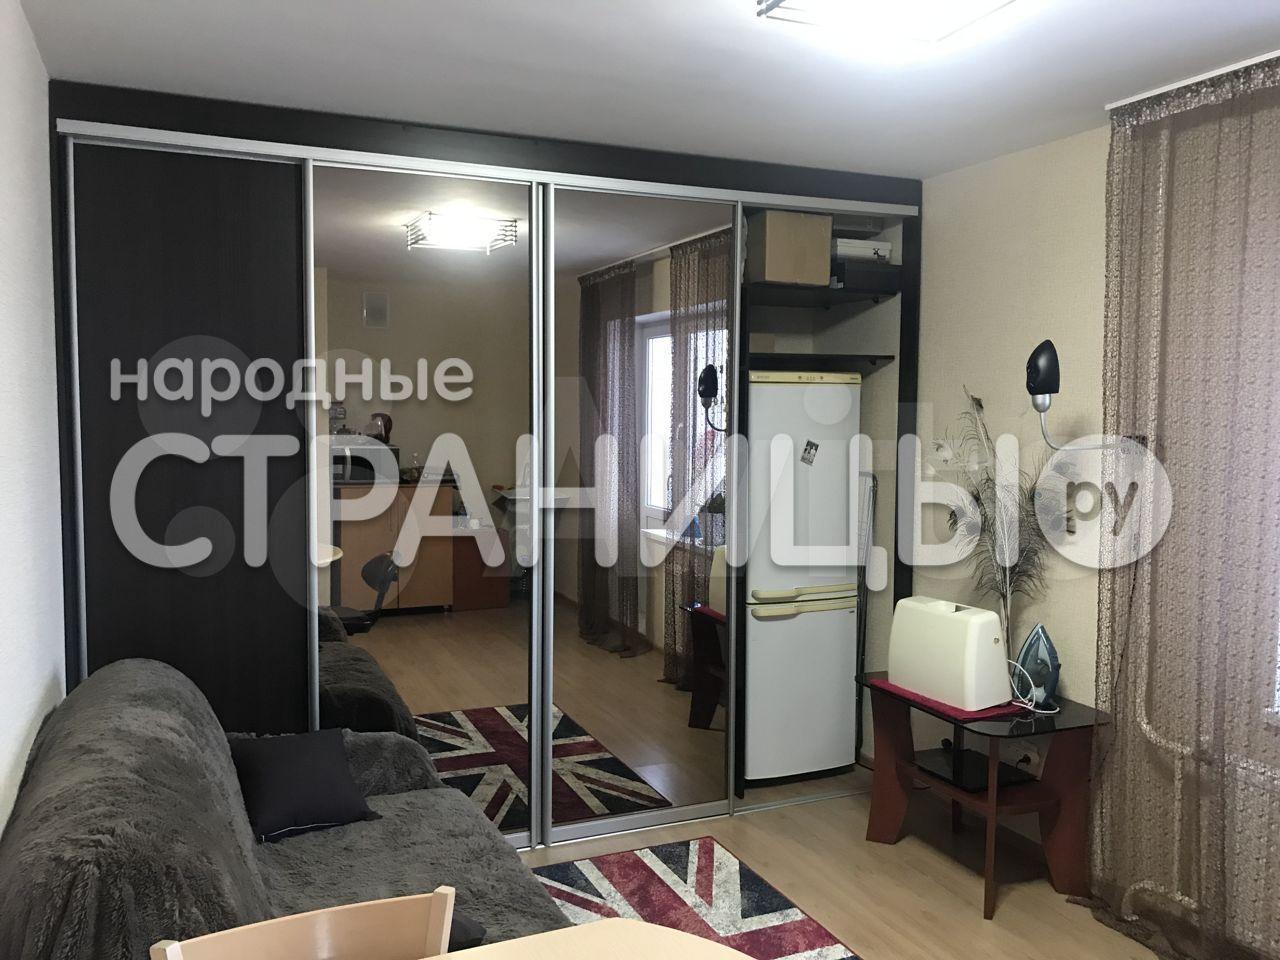 2-комнатная квартира, 44.0 м²,  13/18 эт. Панельный дом, Вторичное жилье